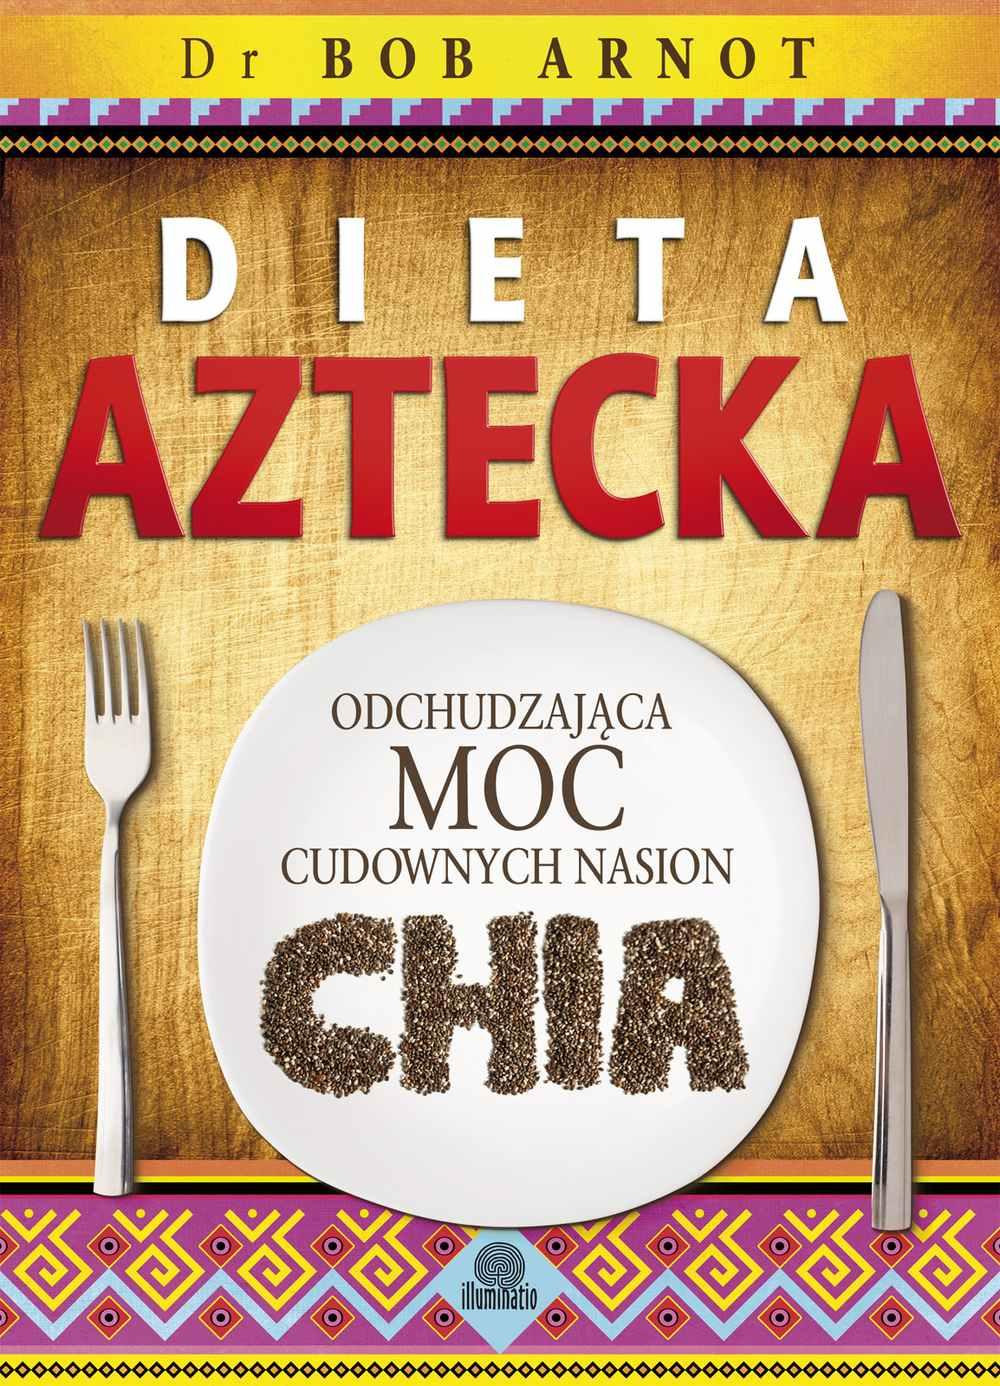 Dieta aztecka. Odchudzająca moc cudownych nasion chia - Ebook (Książka na Kindle) do pobrania w formacie MOBI